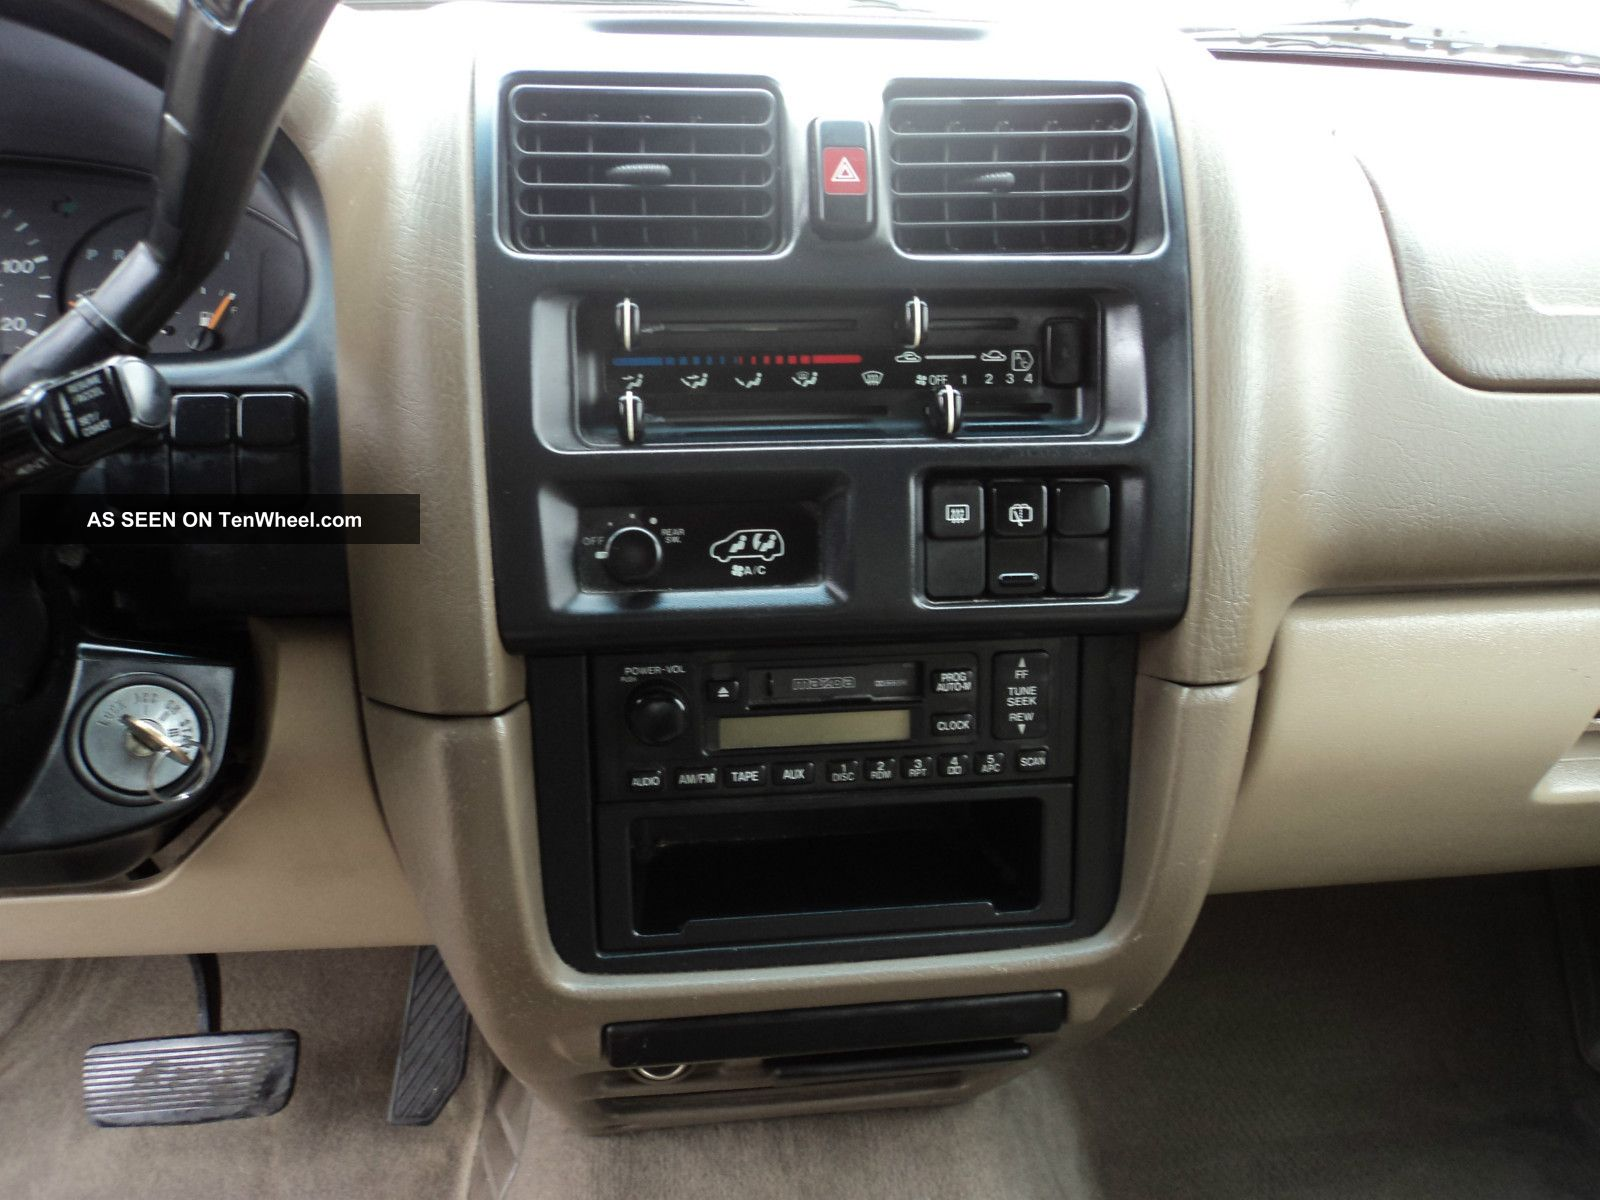 2001 Mazda Mpv Front Mini Fuse Box Diagram